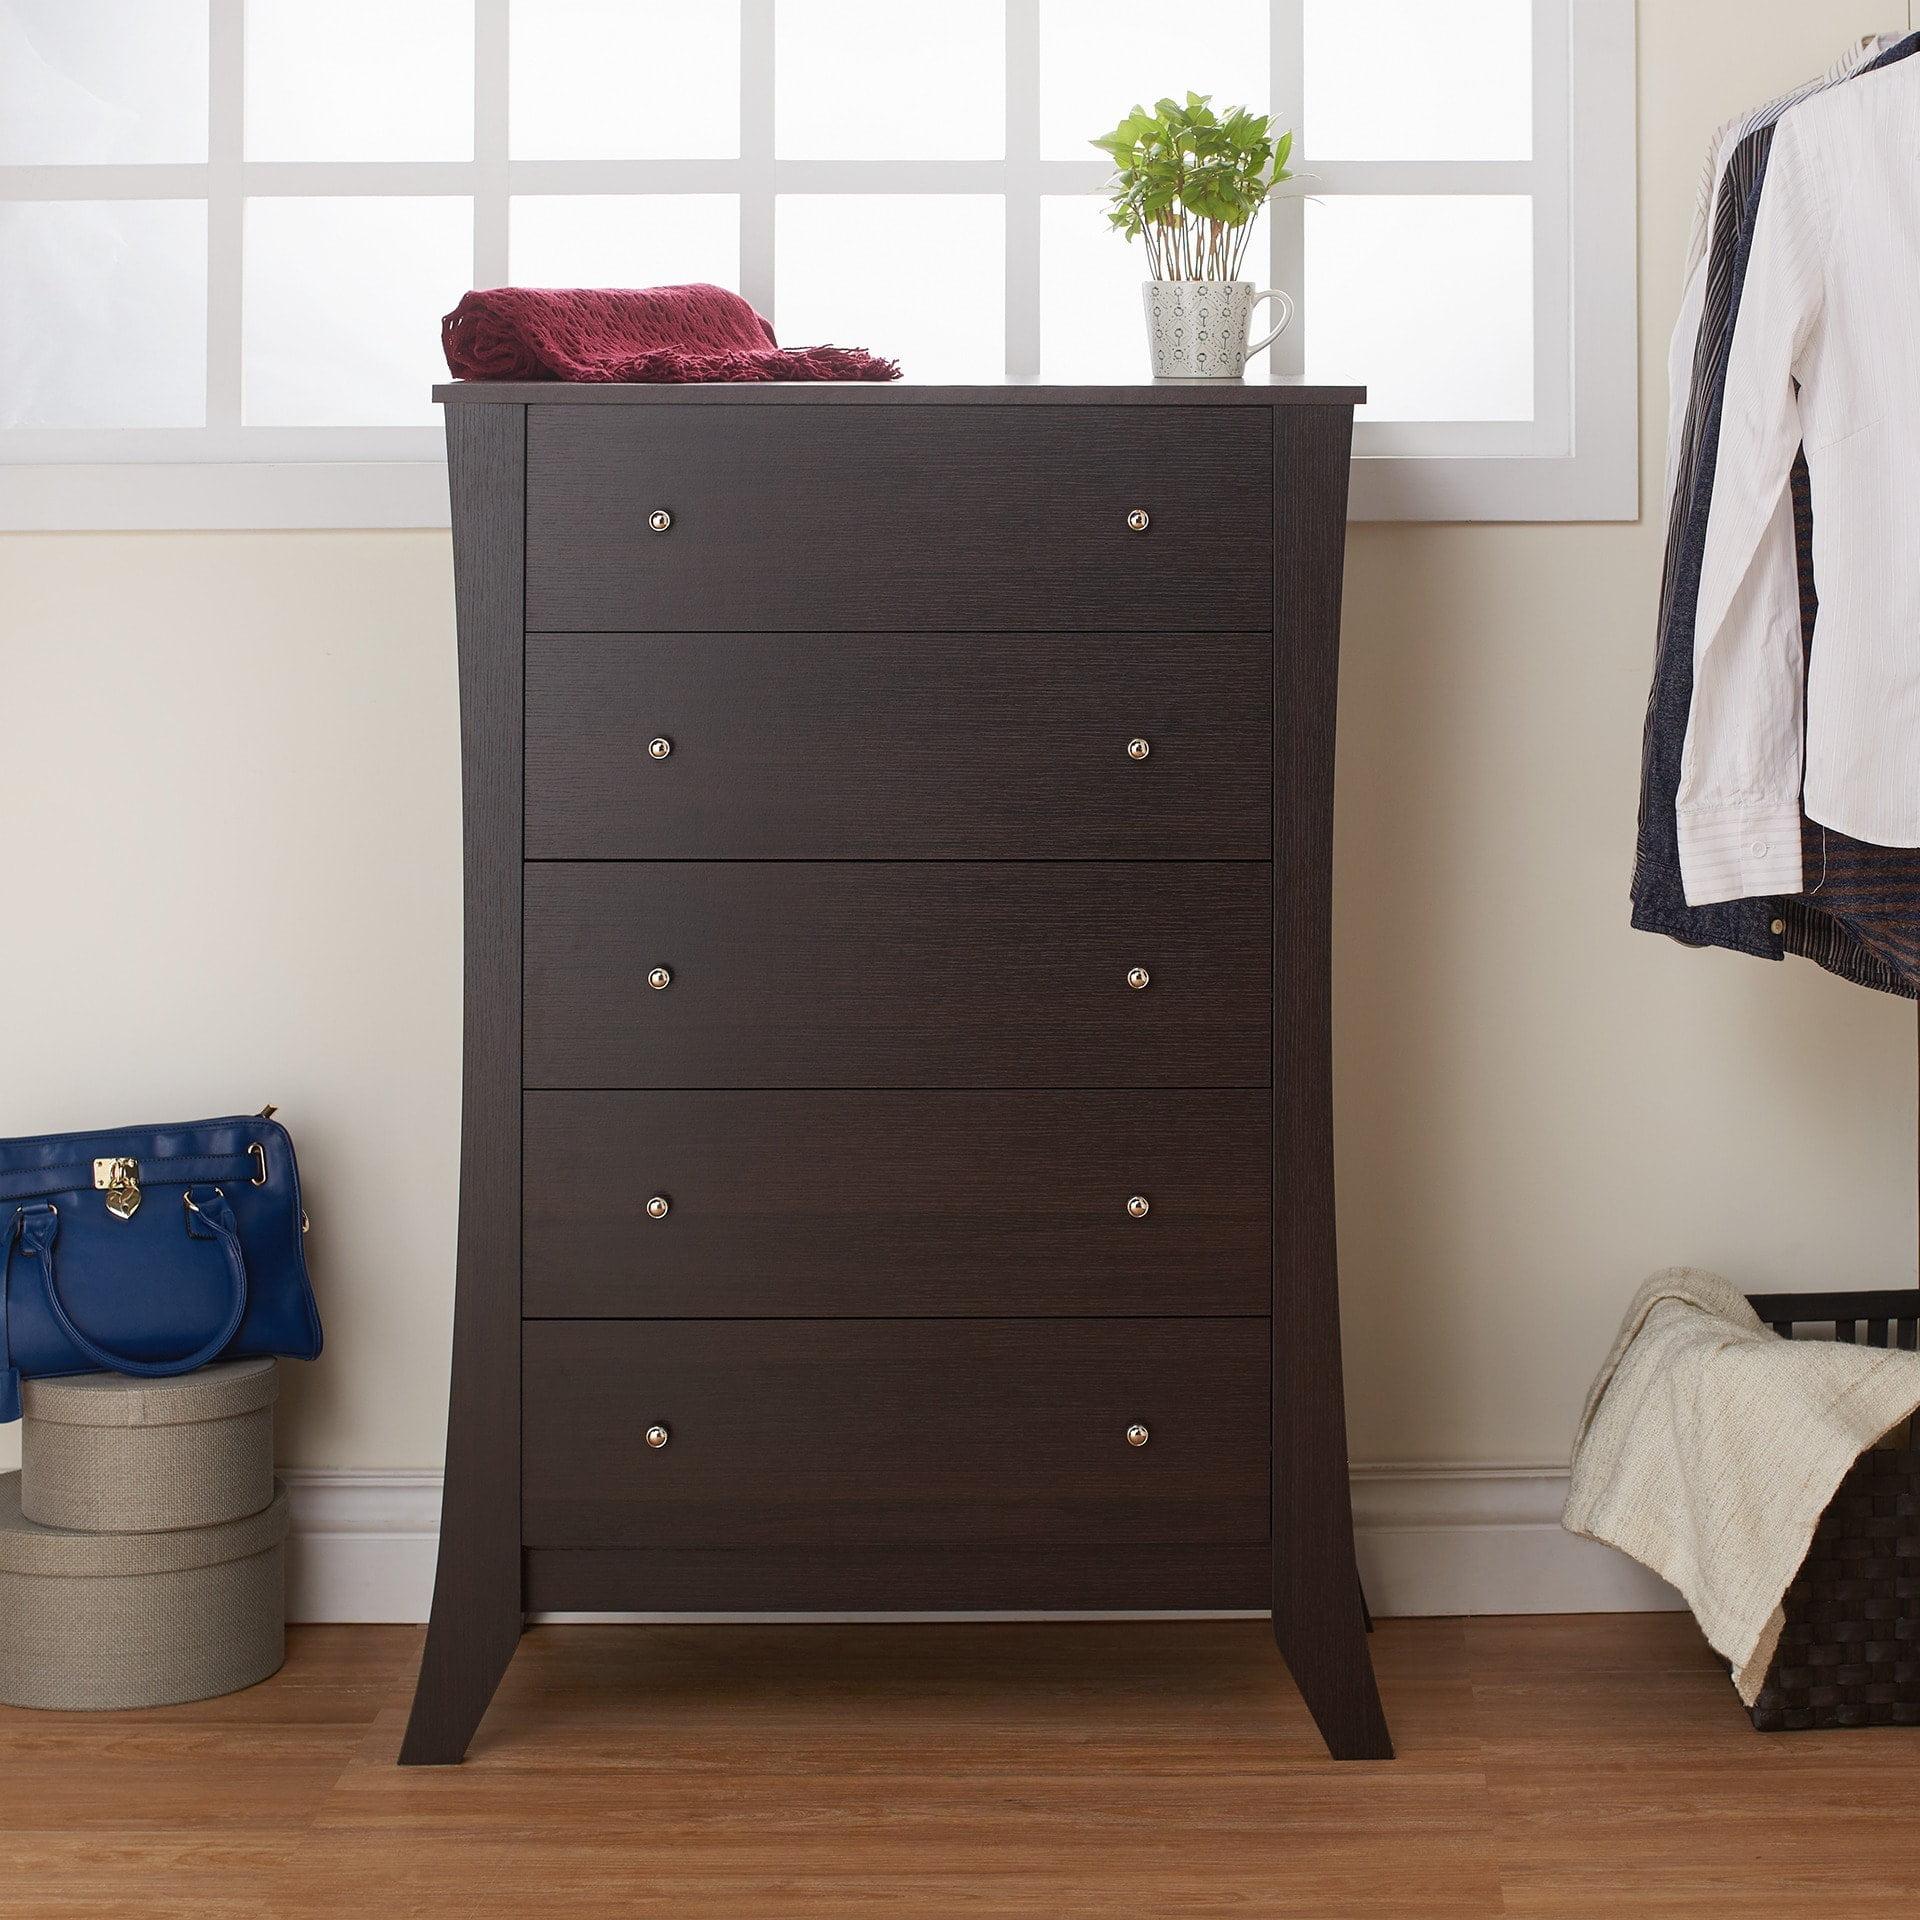 Furniture of America  Hamilton Espresso 5-drawer Chest